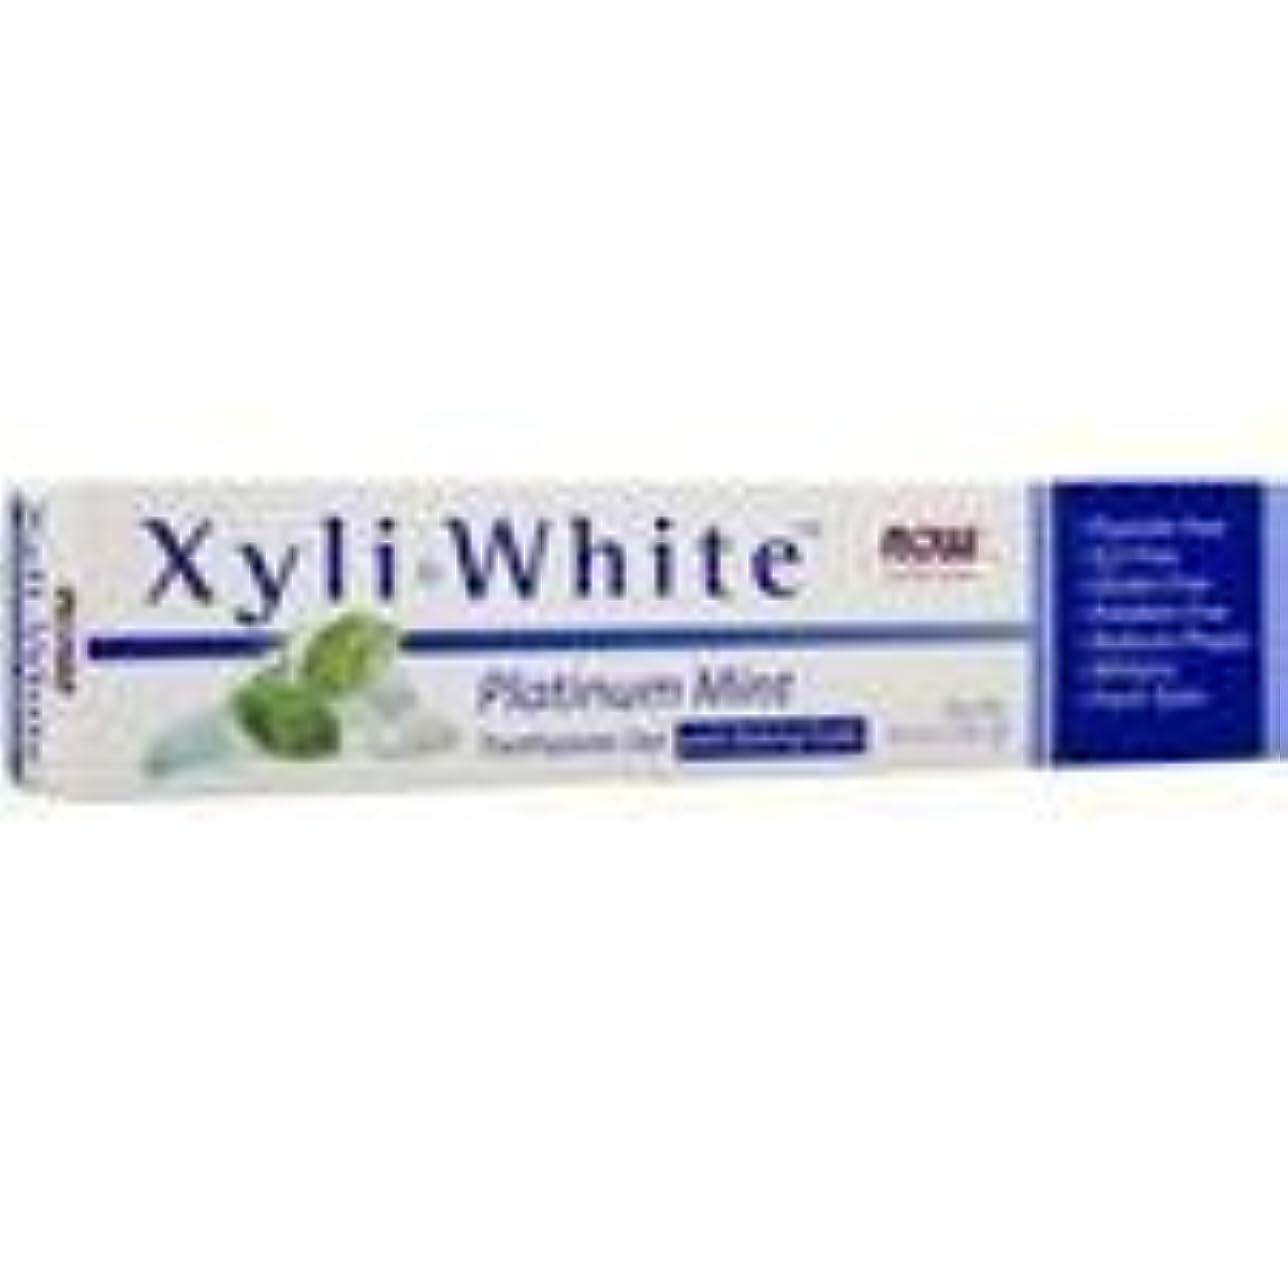 判決対抗野菜キシリホワイト 歯磨き粉  プラチナミント+ベーキングソーダ 182g 5個パック